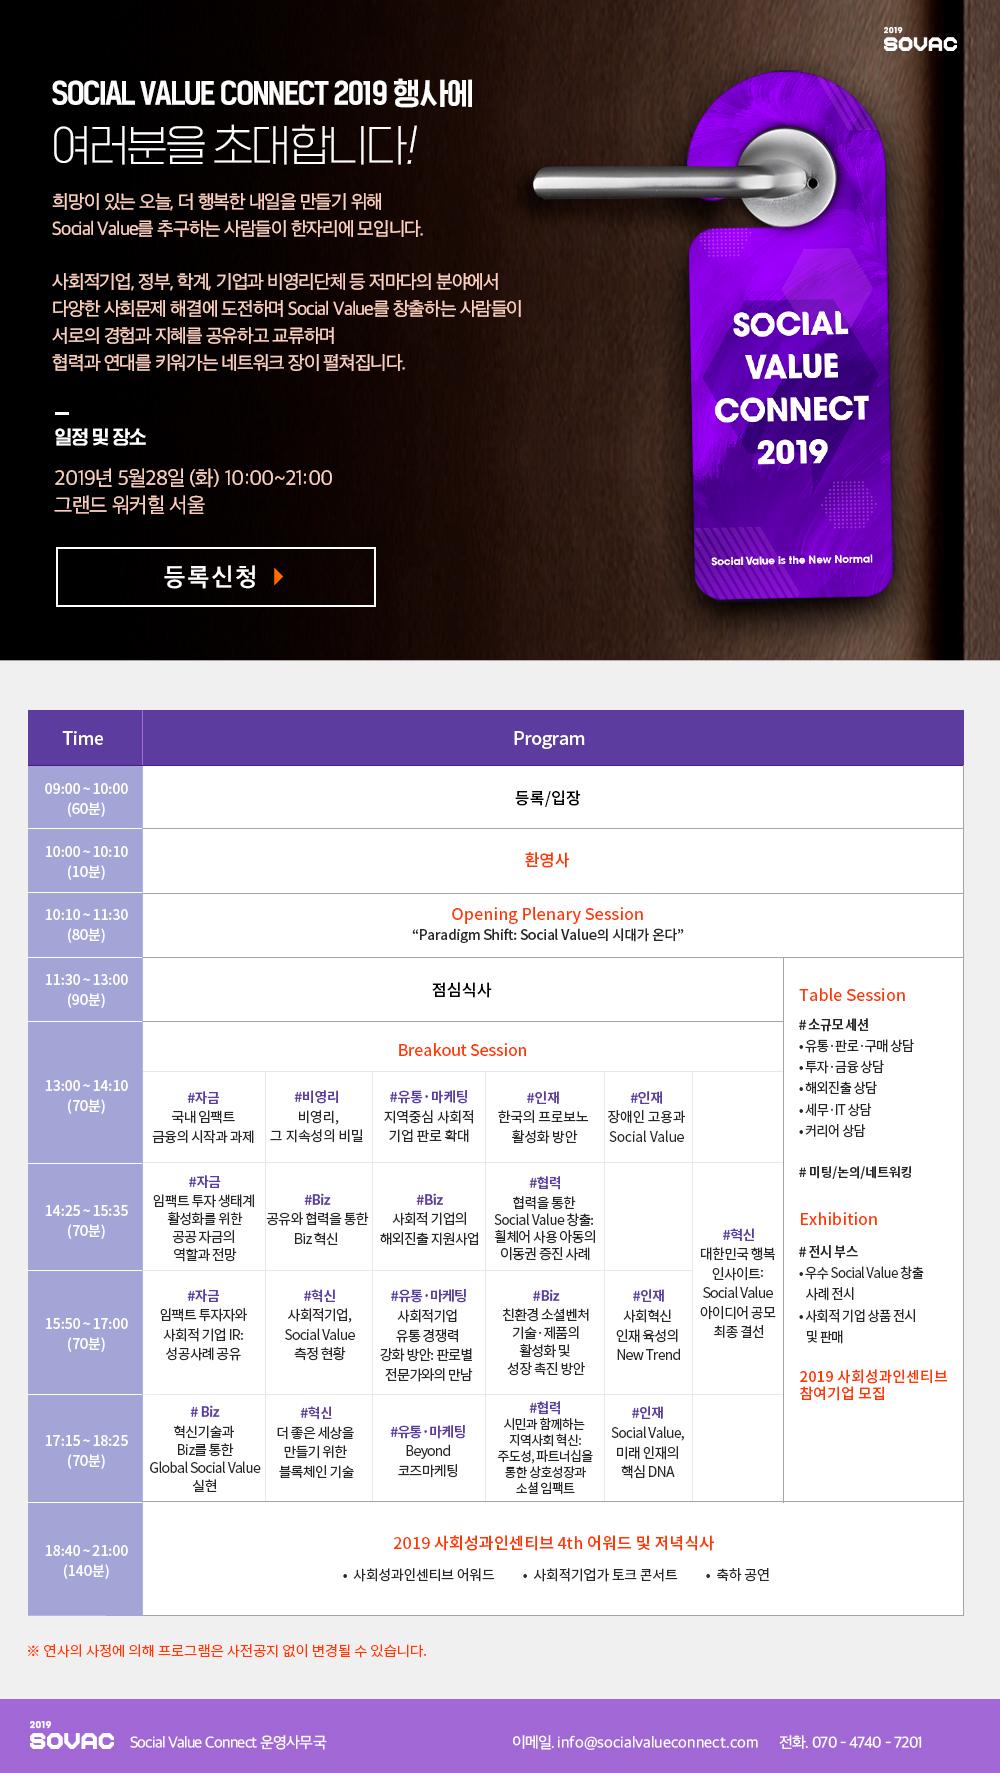 [한국사회적기업진흥원] Social Value Connect 2019 진흥원 세션 안내 및 참석